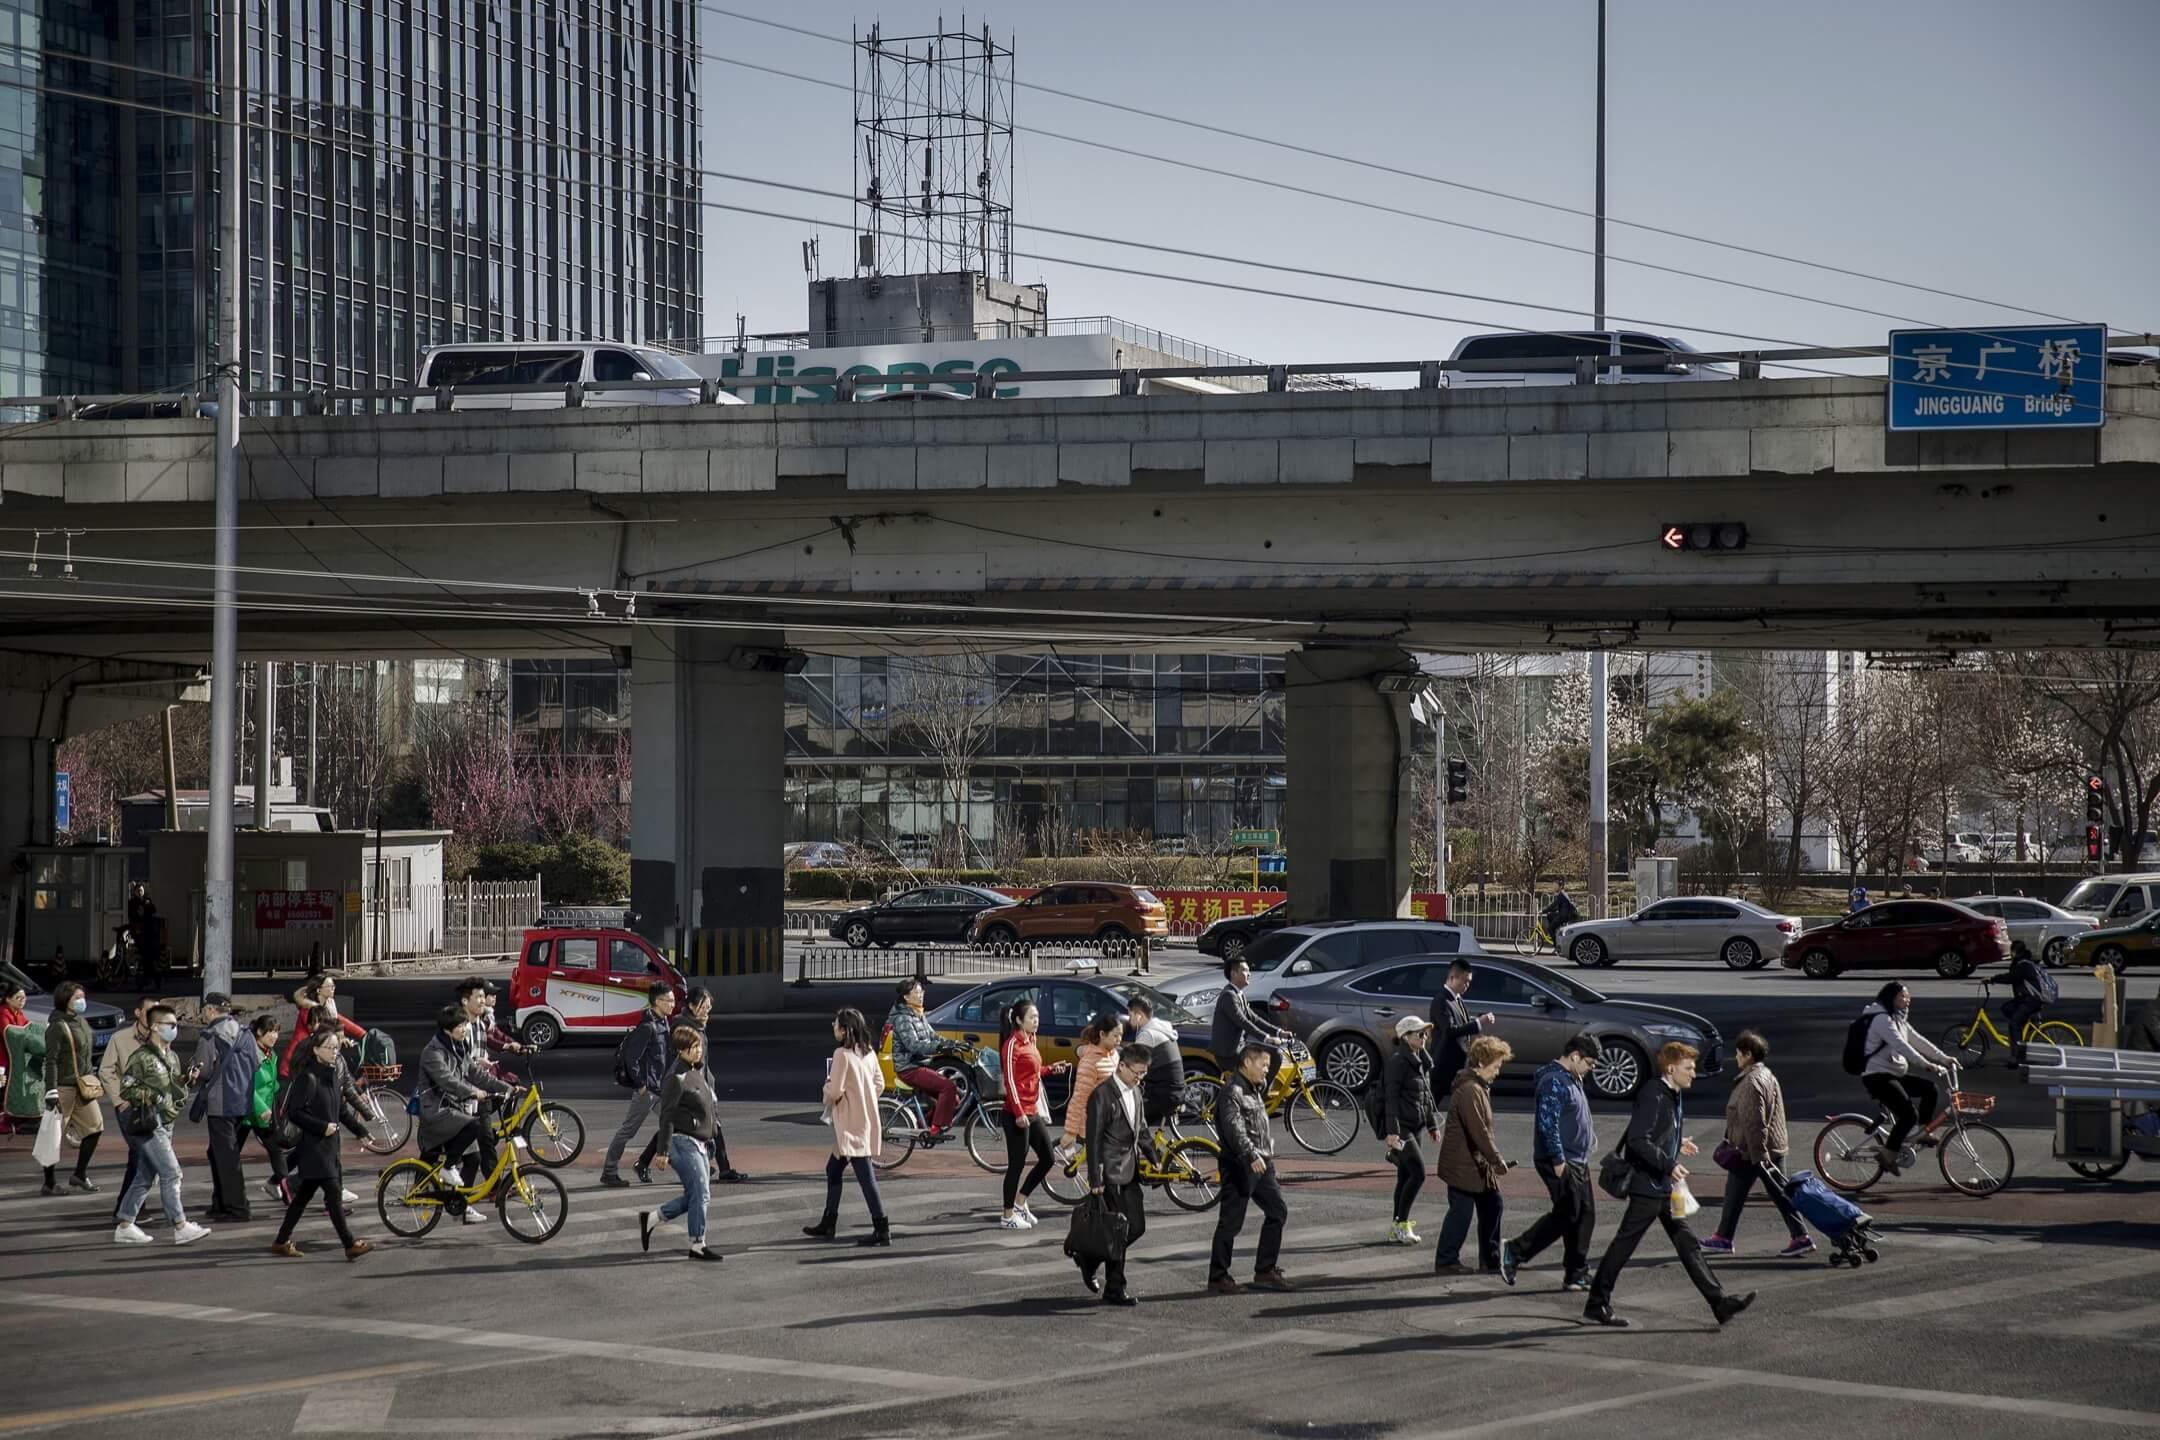 中國的經濟神話於近幾年露出疲態,更在2018年陷入多重危機,它會怎樣影響到未來和人們的生活?端傳媒編輯群協力策劃超過十篇深度報導,邀請你進一步了解這場中國經濟大變局。 攝:Qilai Shen/Bloomberg via Getty Images